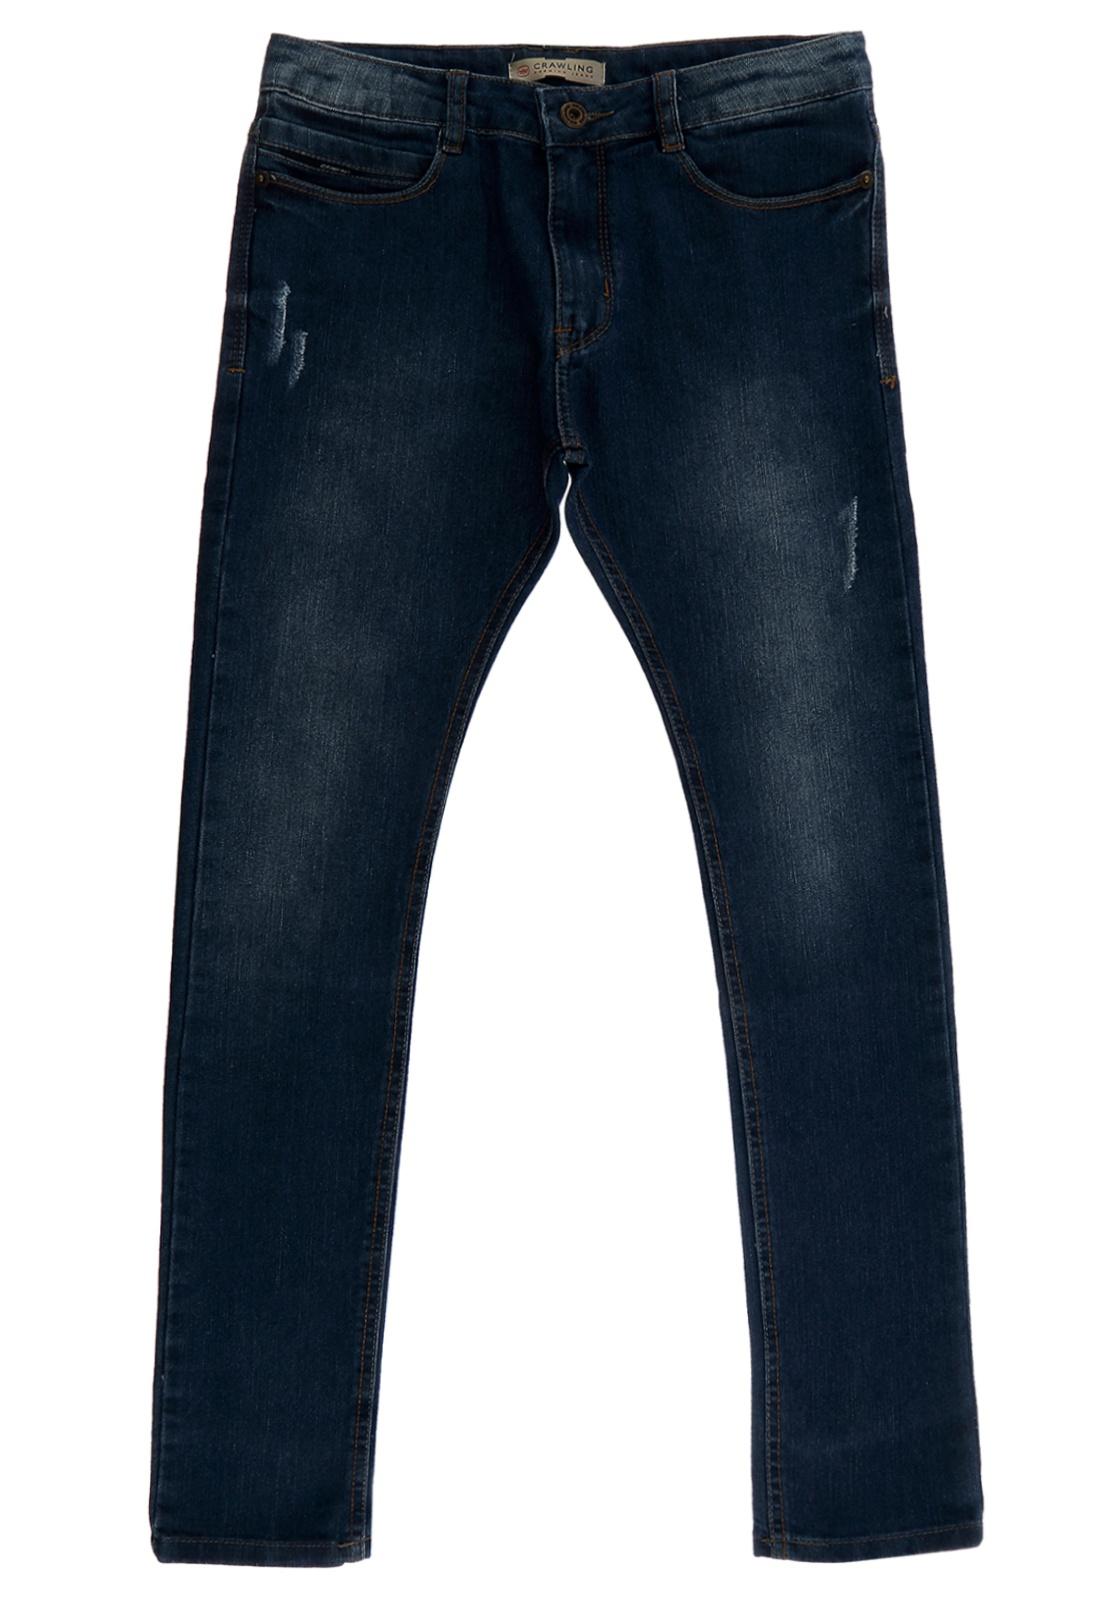 Calça Jeans Skinny Crawling Masculina